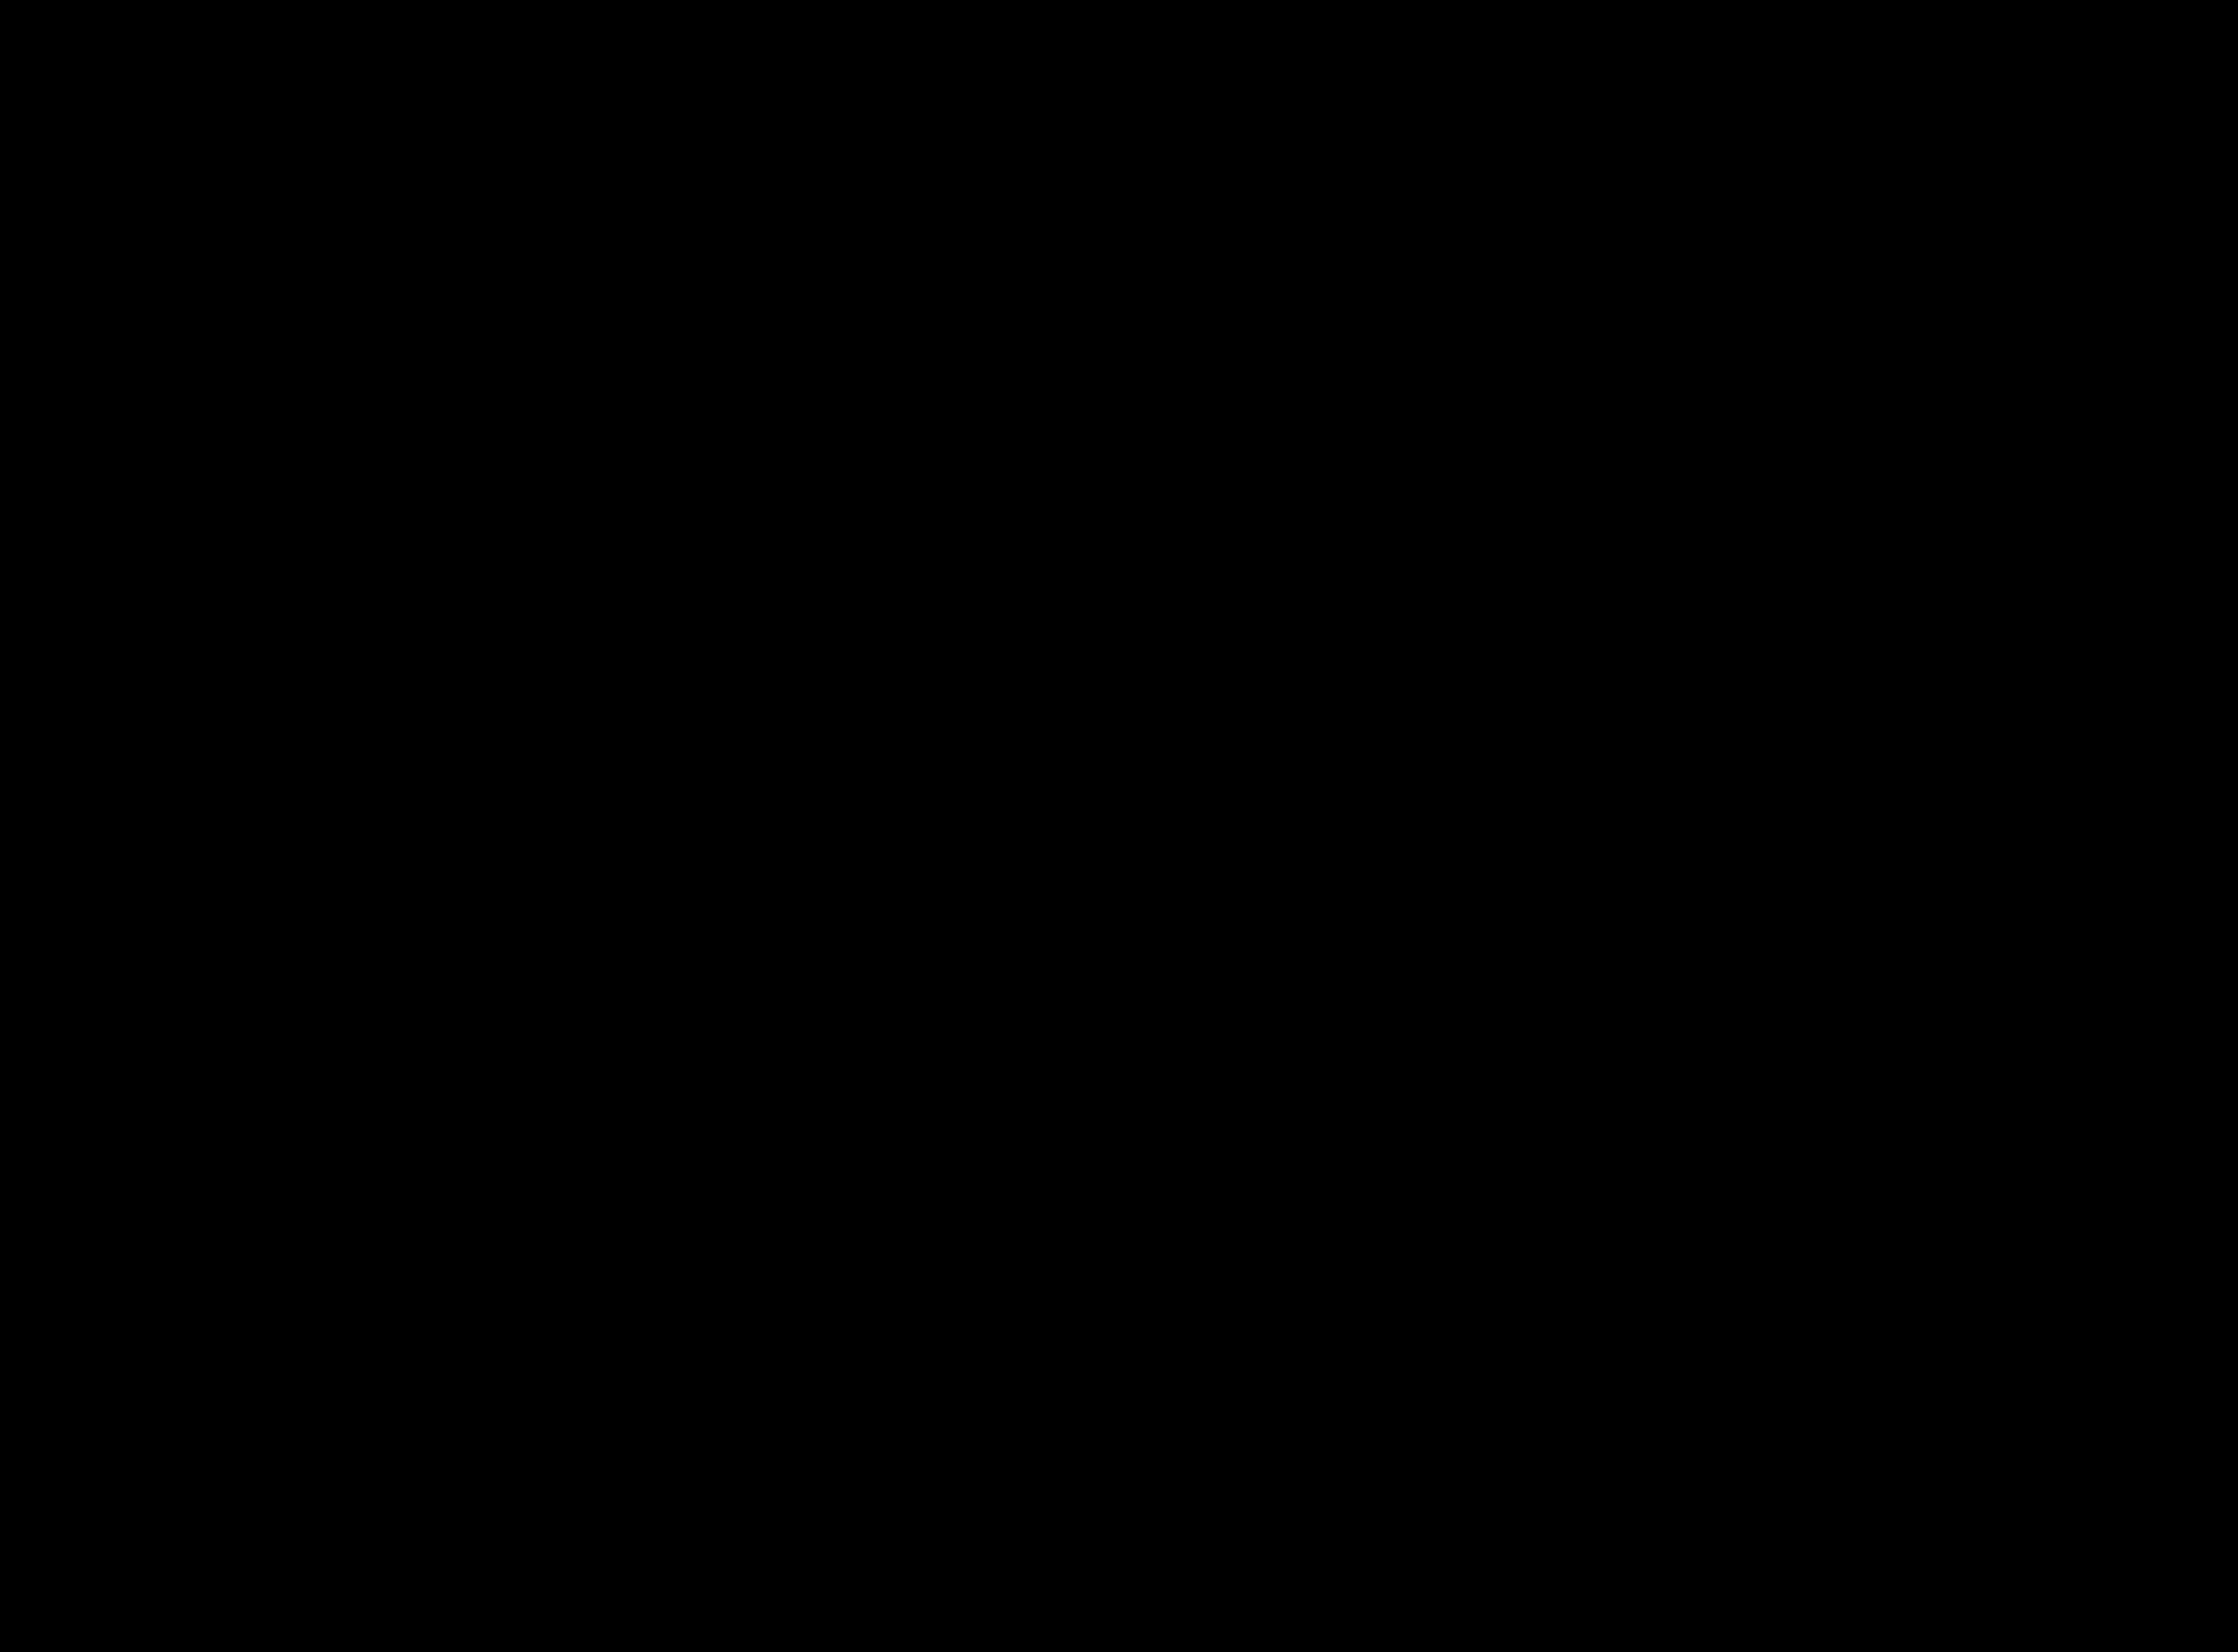 DERMAGLOVE